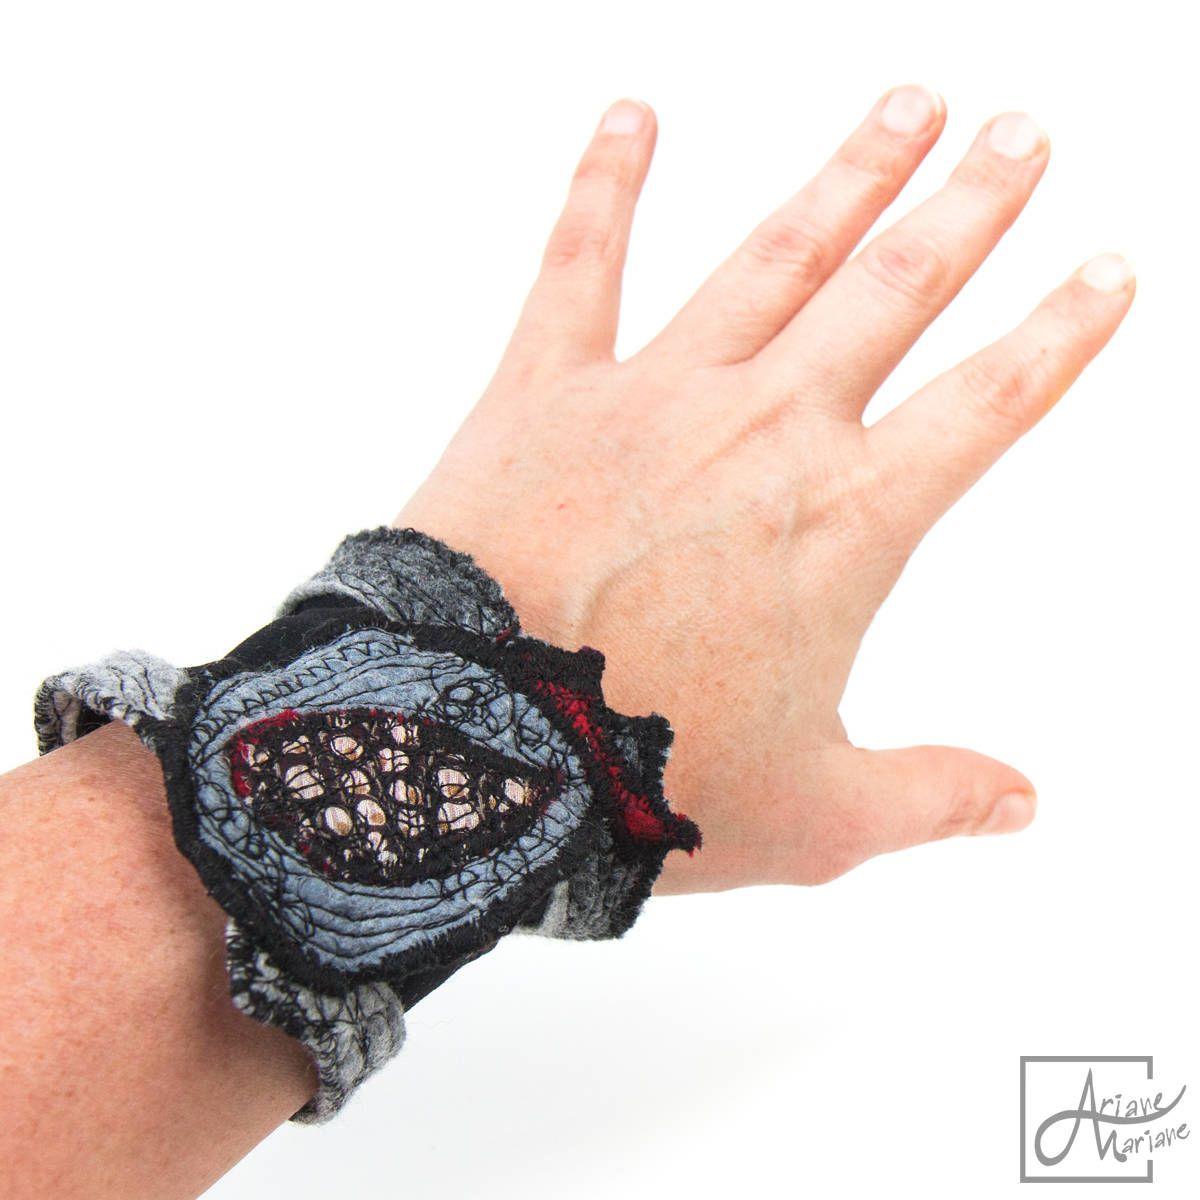 Bracelet femme en noir, gris et un motif à pois. Bijou fantaisie feutre art textile. Bijou élastique en maille, feutre nuno et broderie. Ariane Mariane - art textile / Paris